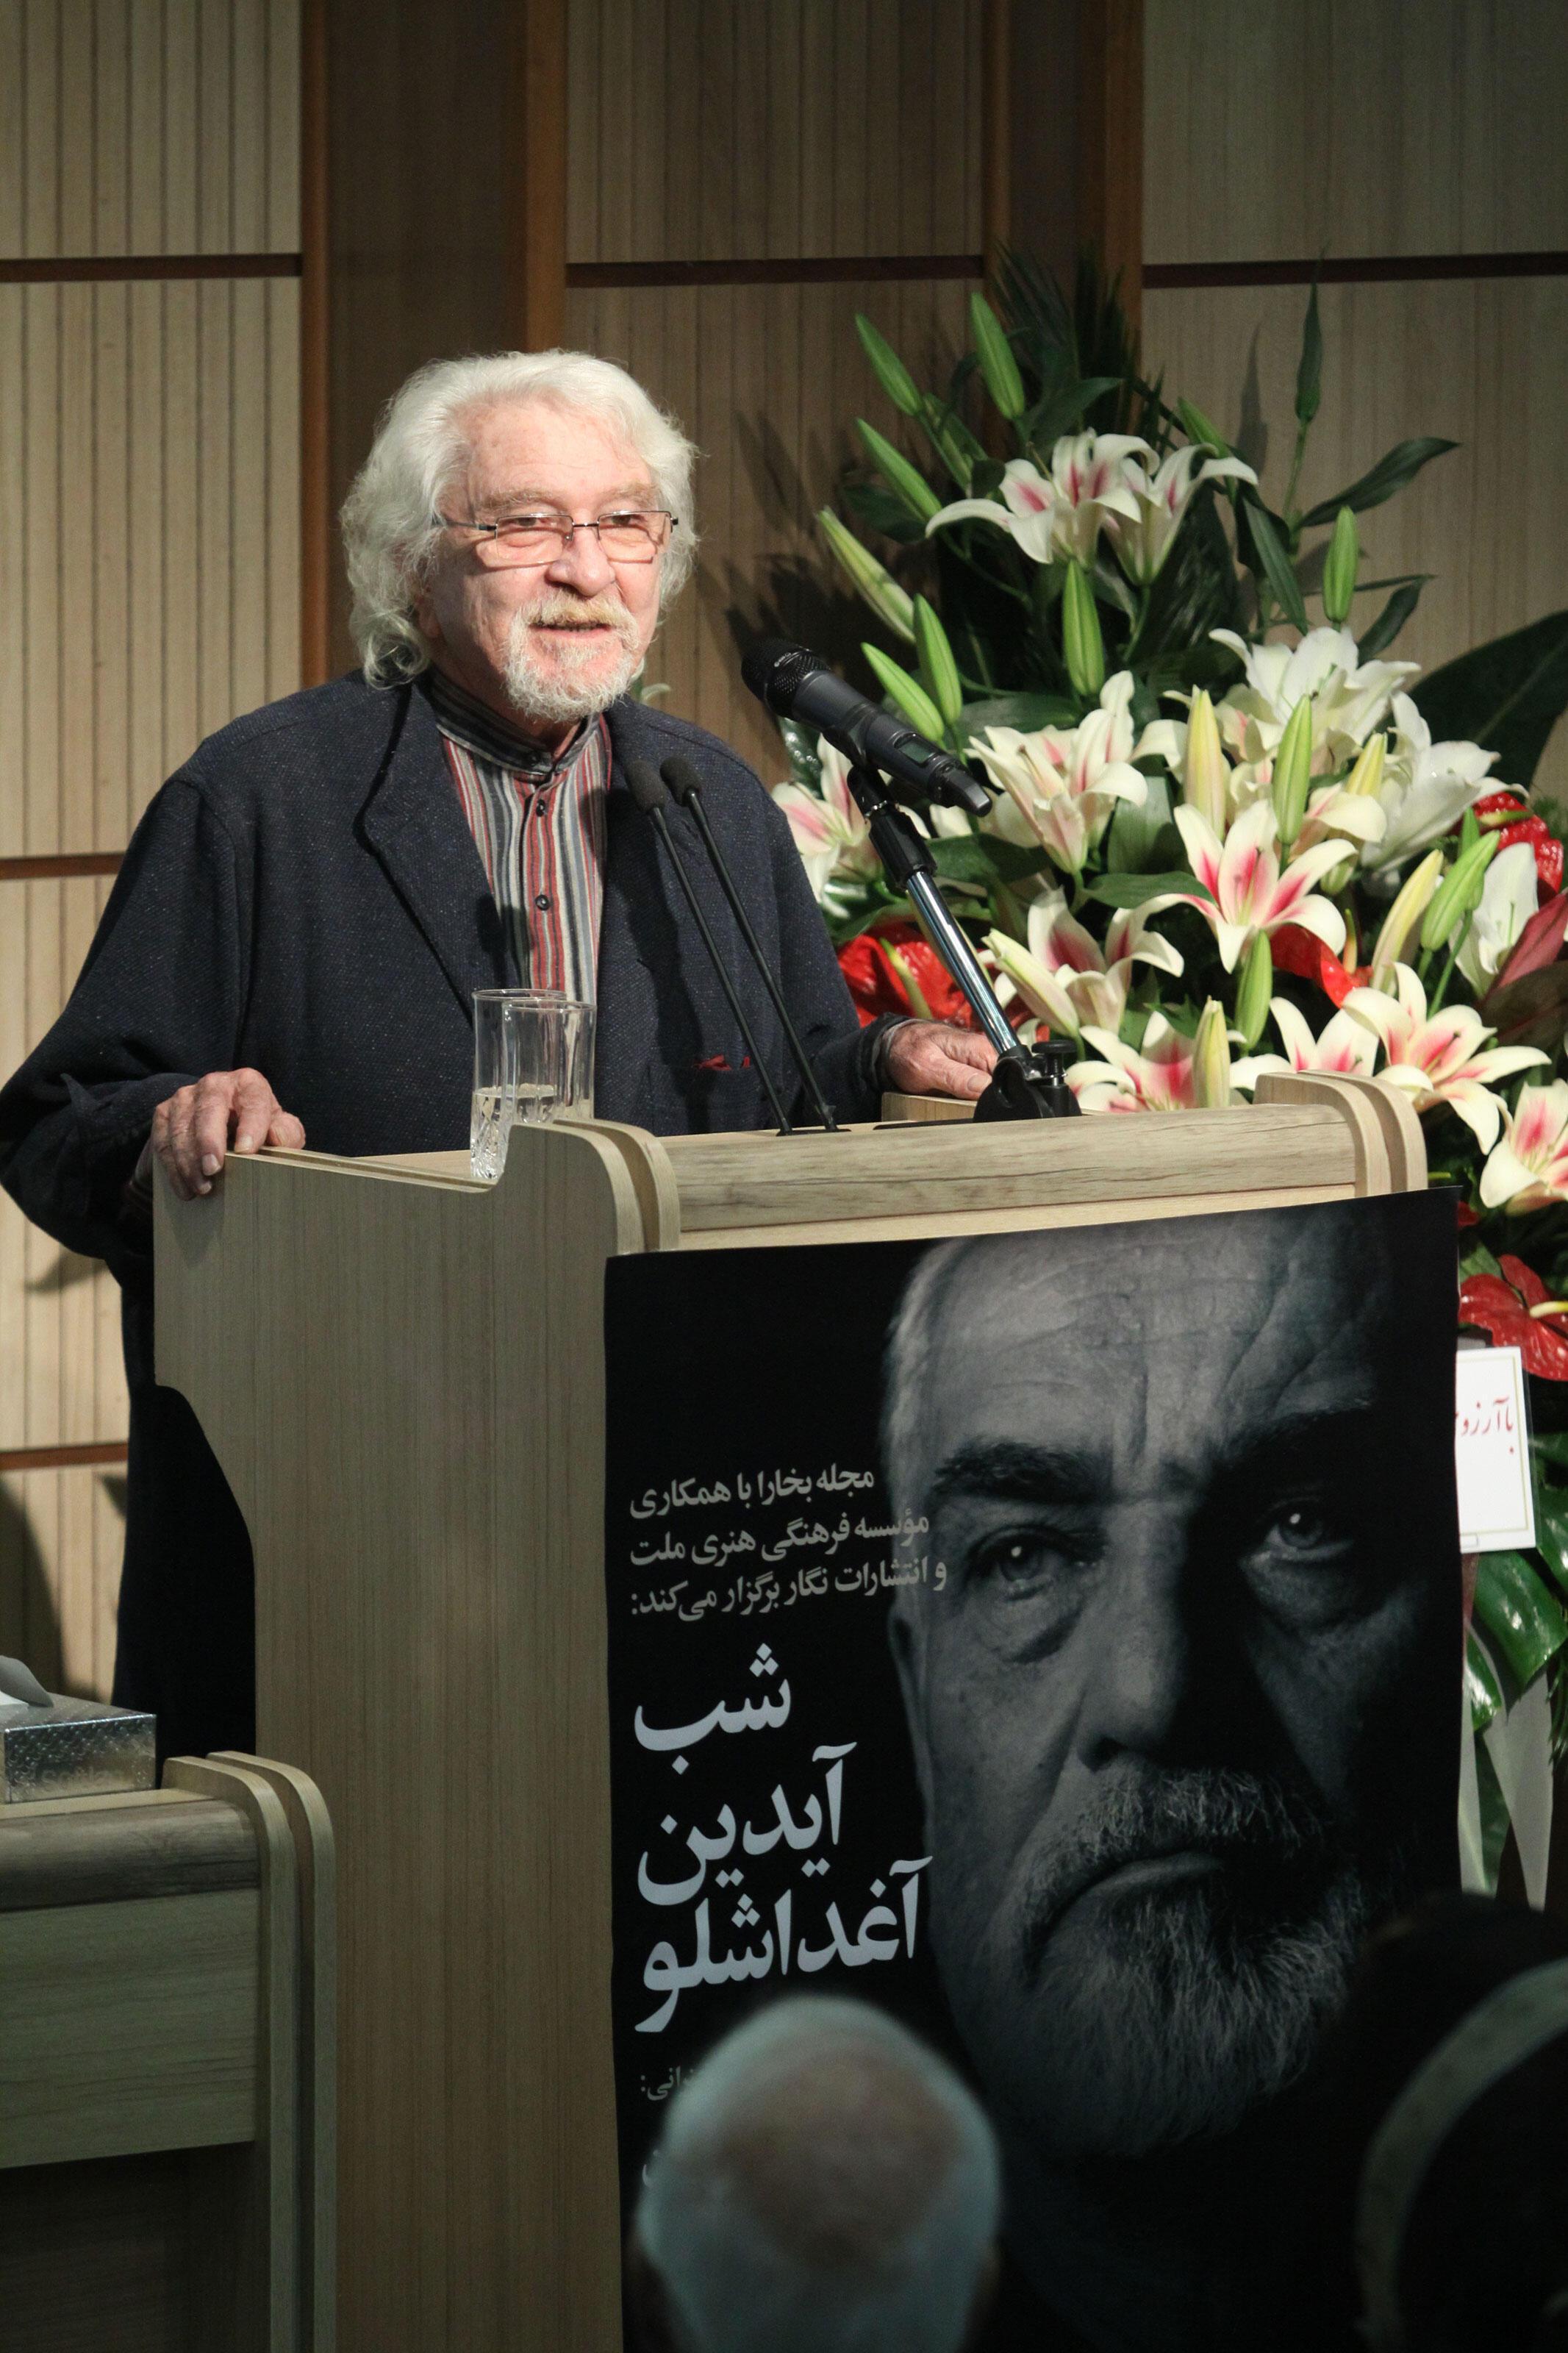 داریوش شایگان، فیلسوف ایرانی